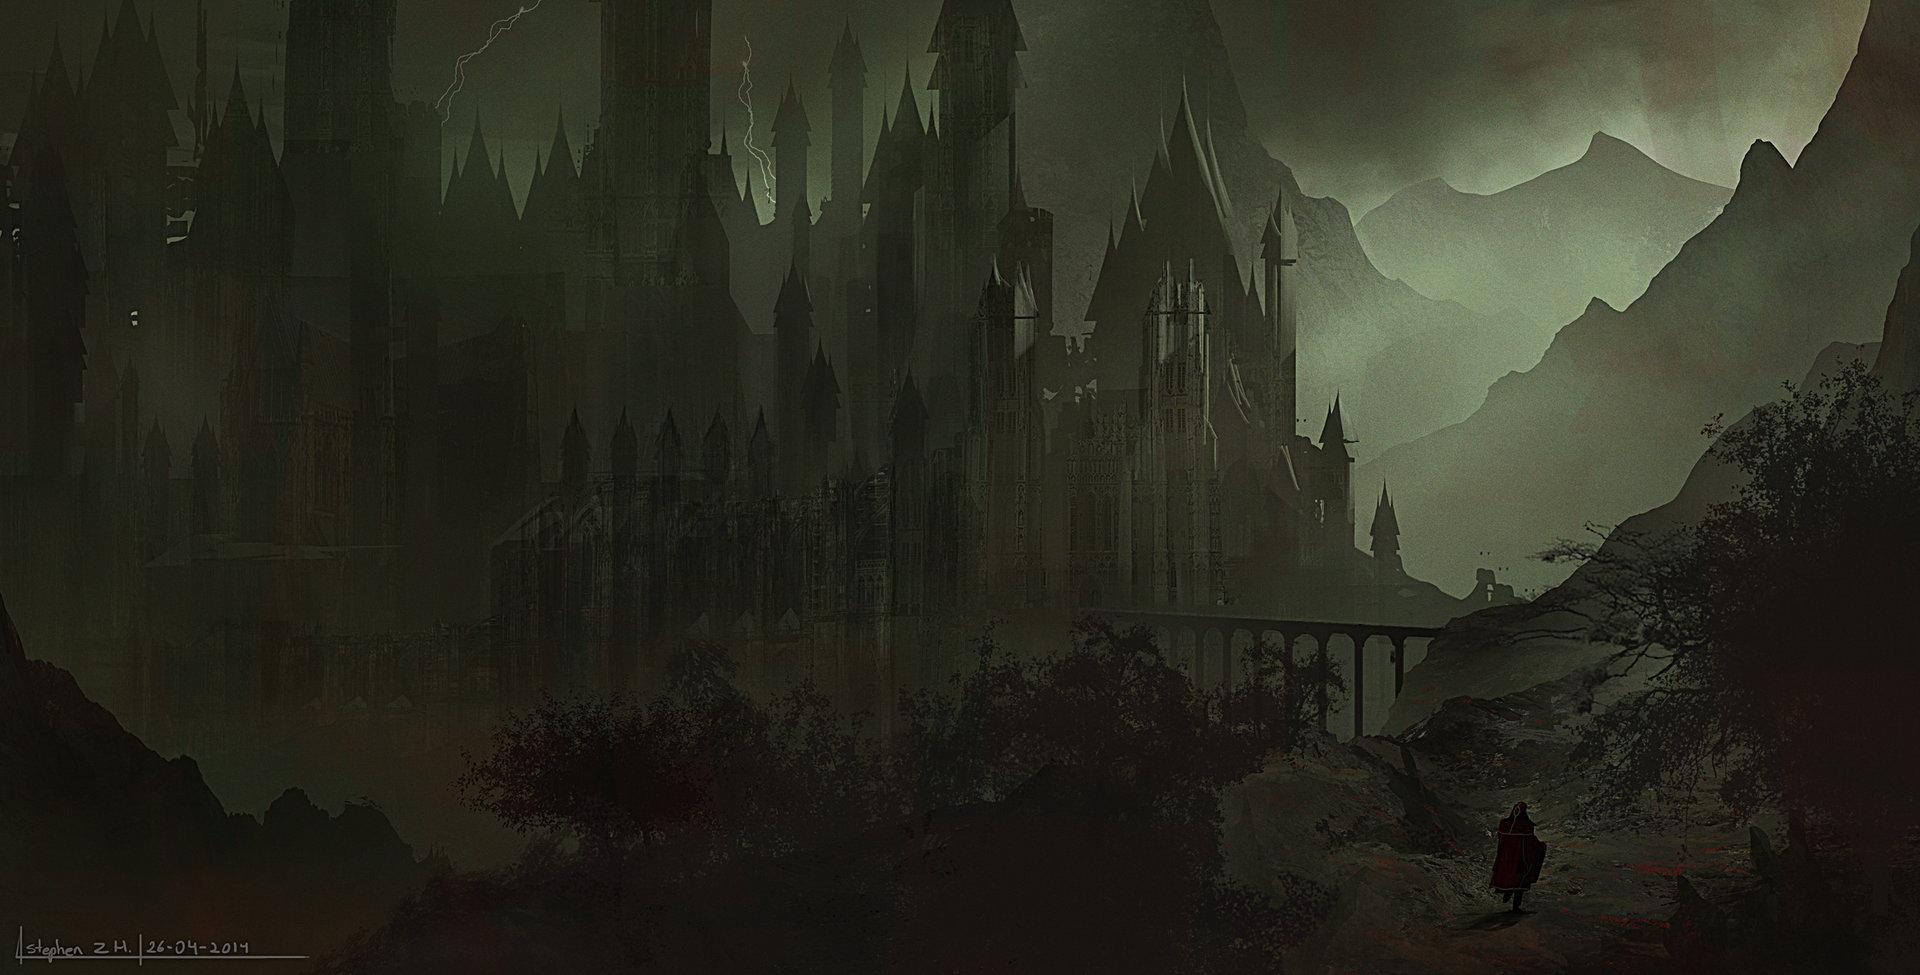 Transilvanian castlecg